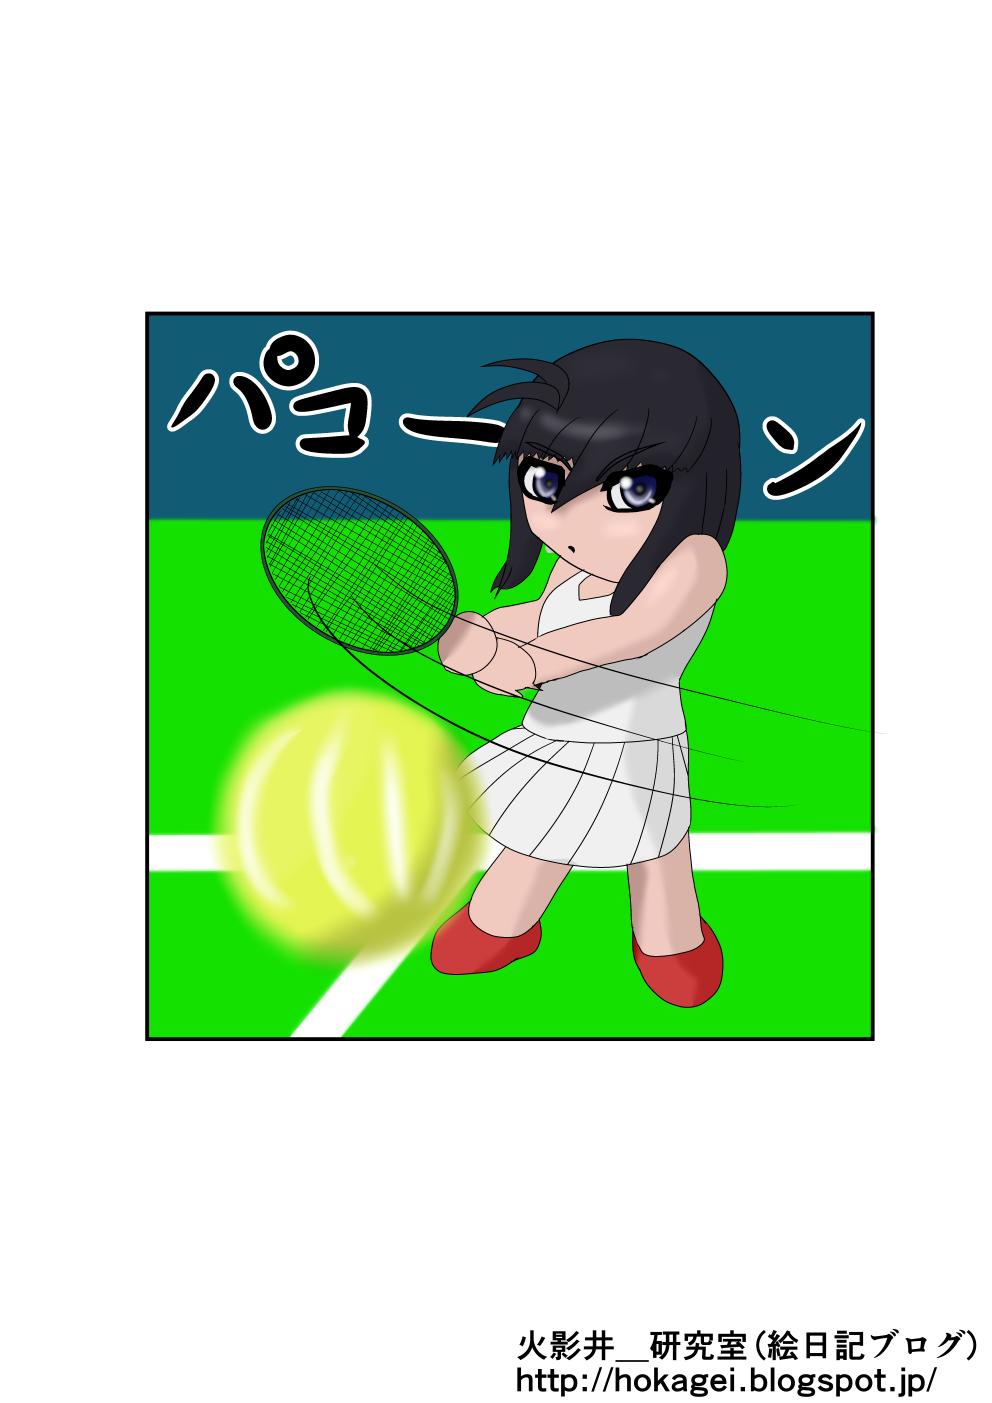 テニスのニュースが熱い!(八雲楓)